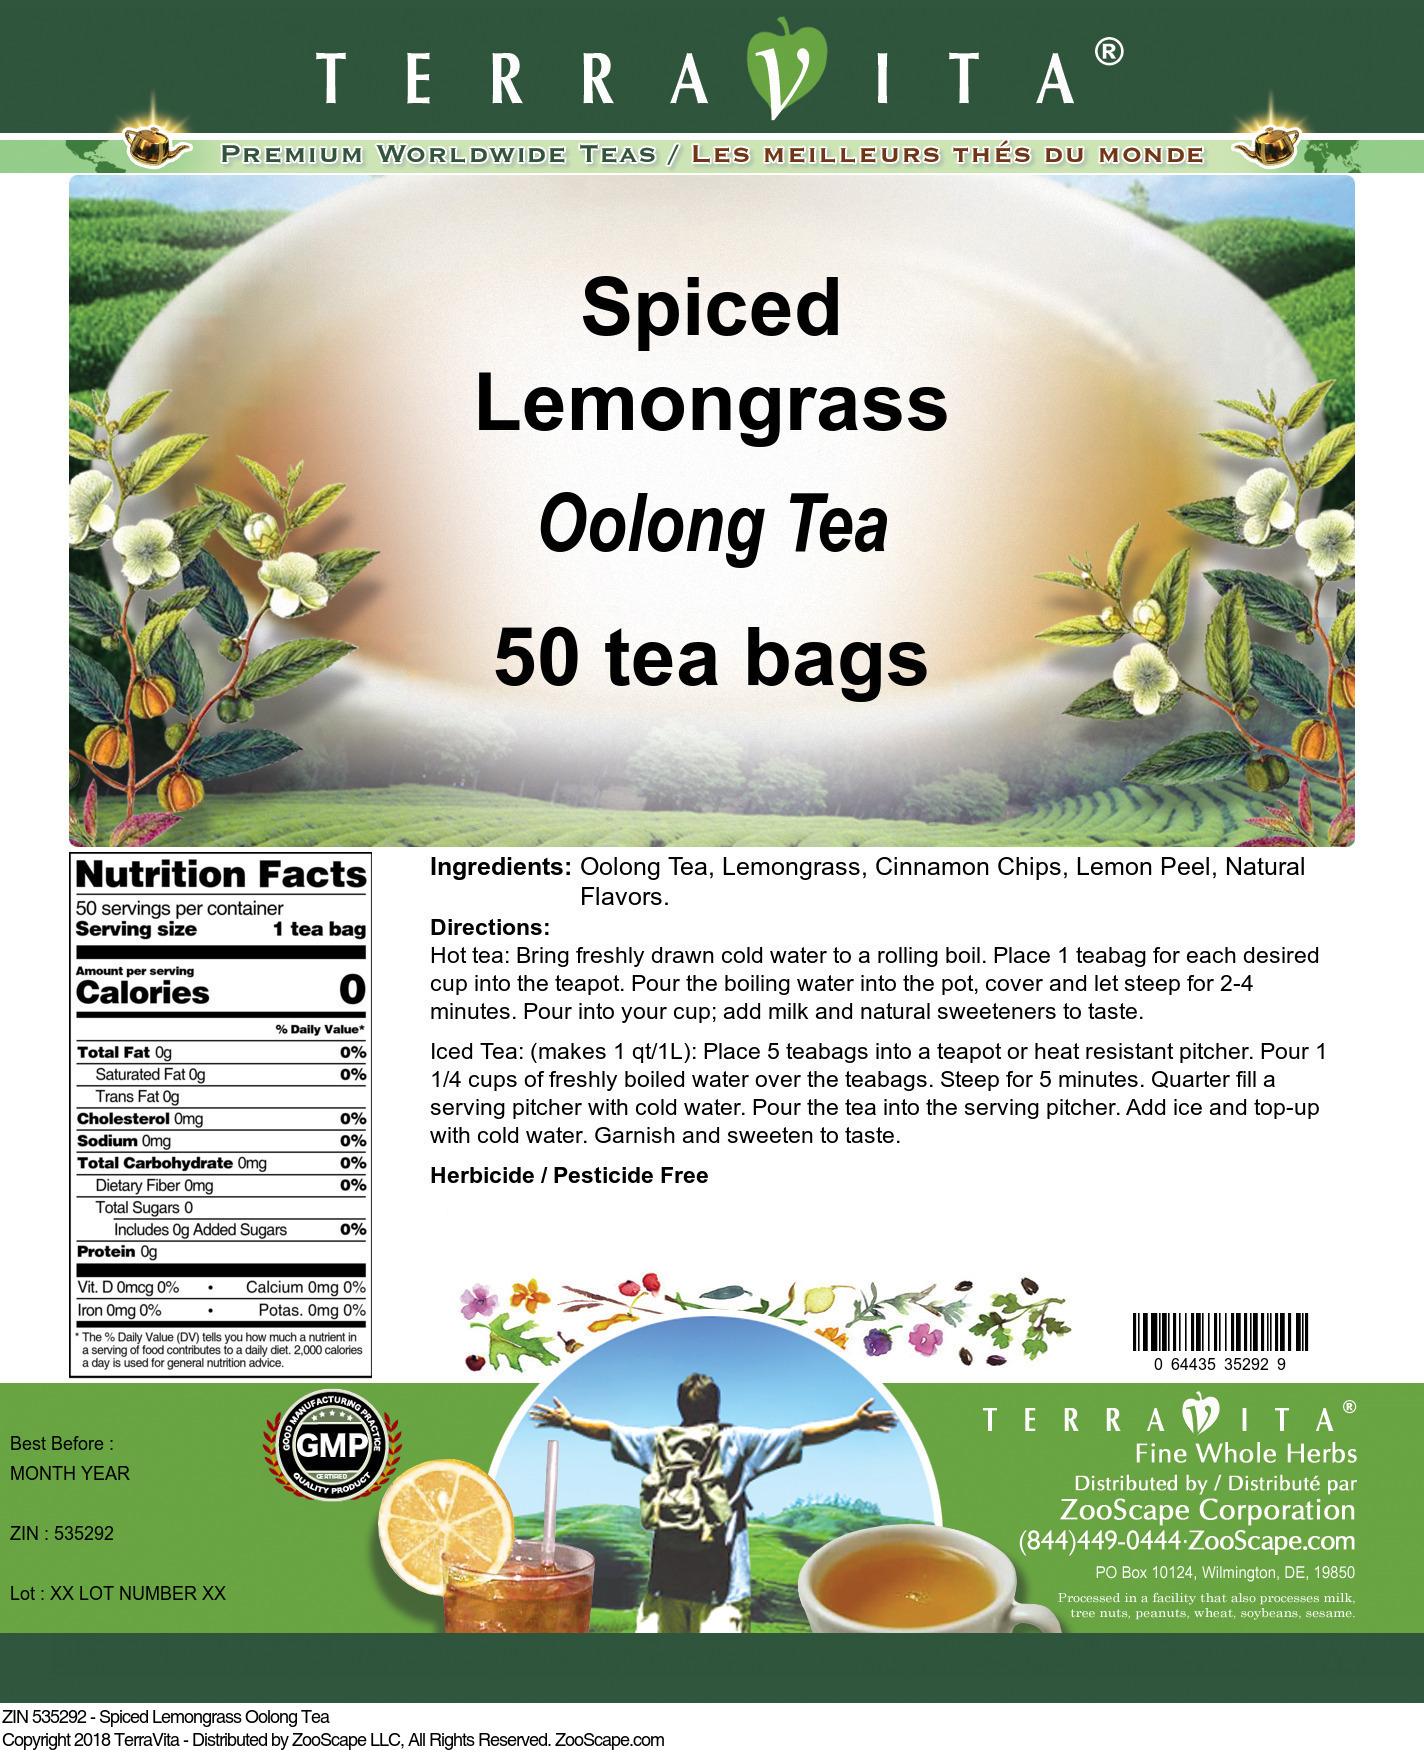 Spiced Lemongrass Oolong Tea